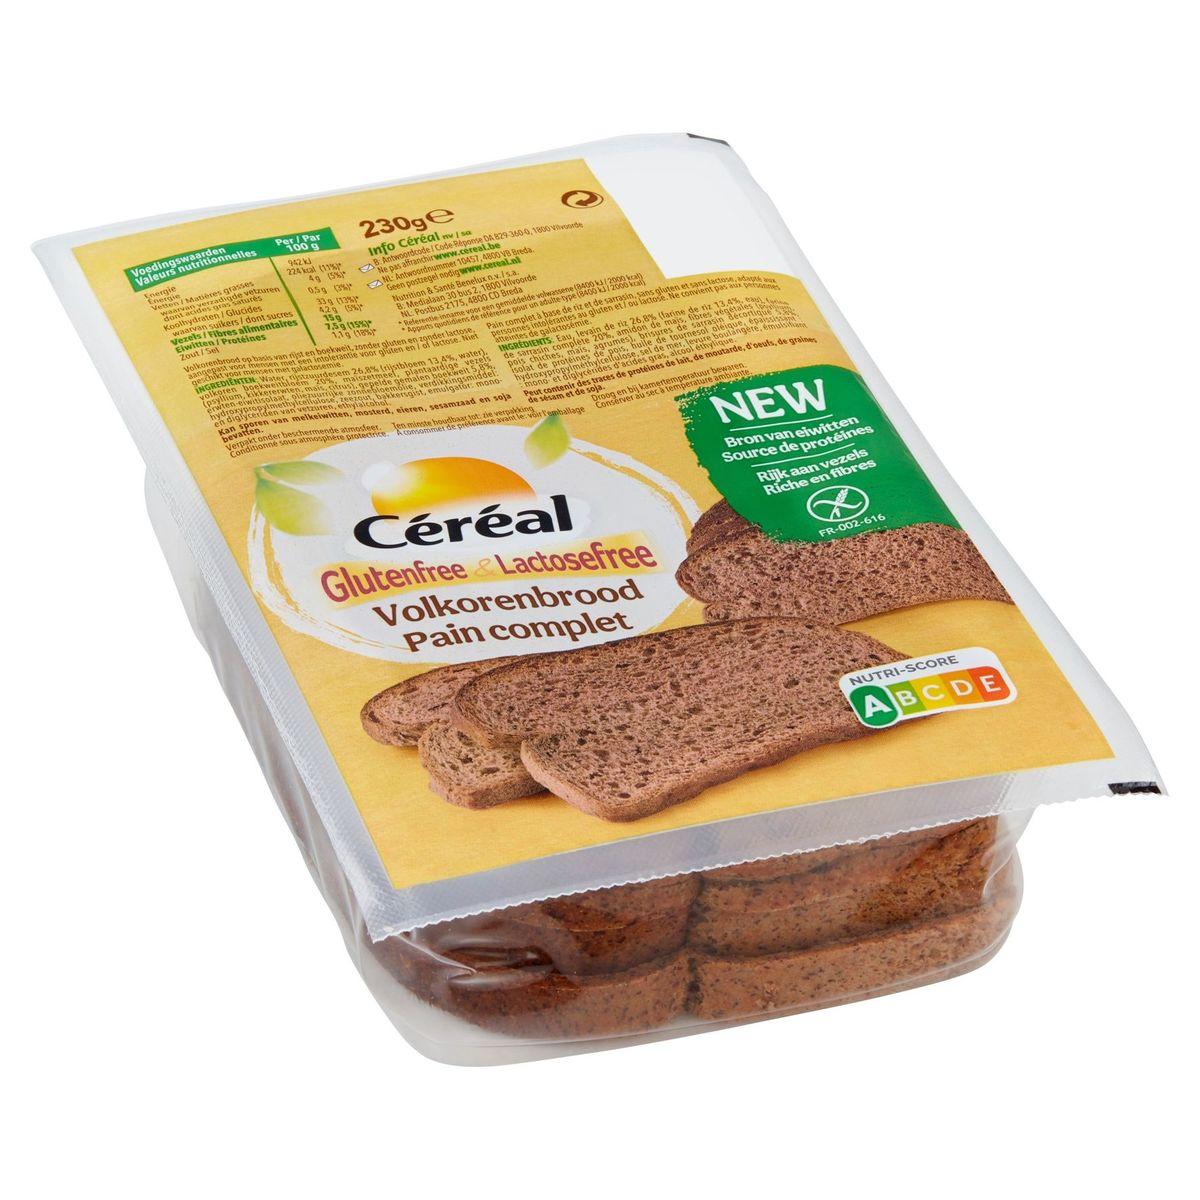 Céréal Glutenfree & Lactosefree Volkorenbrood 230 g